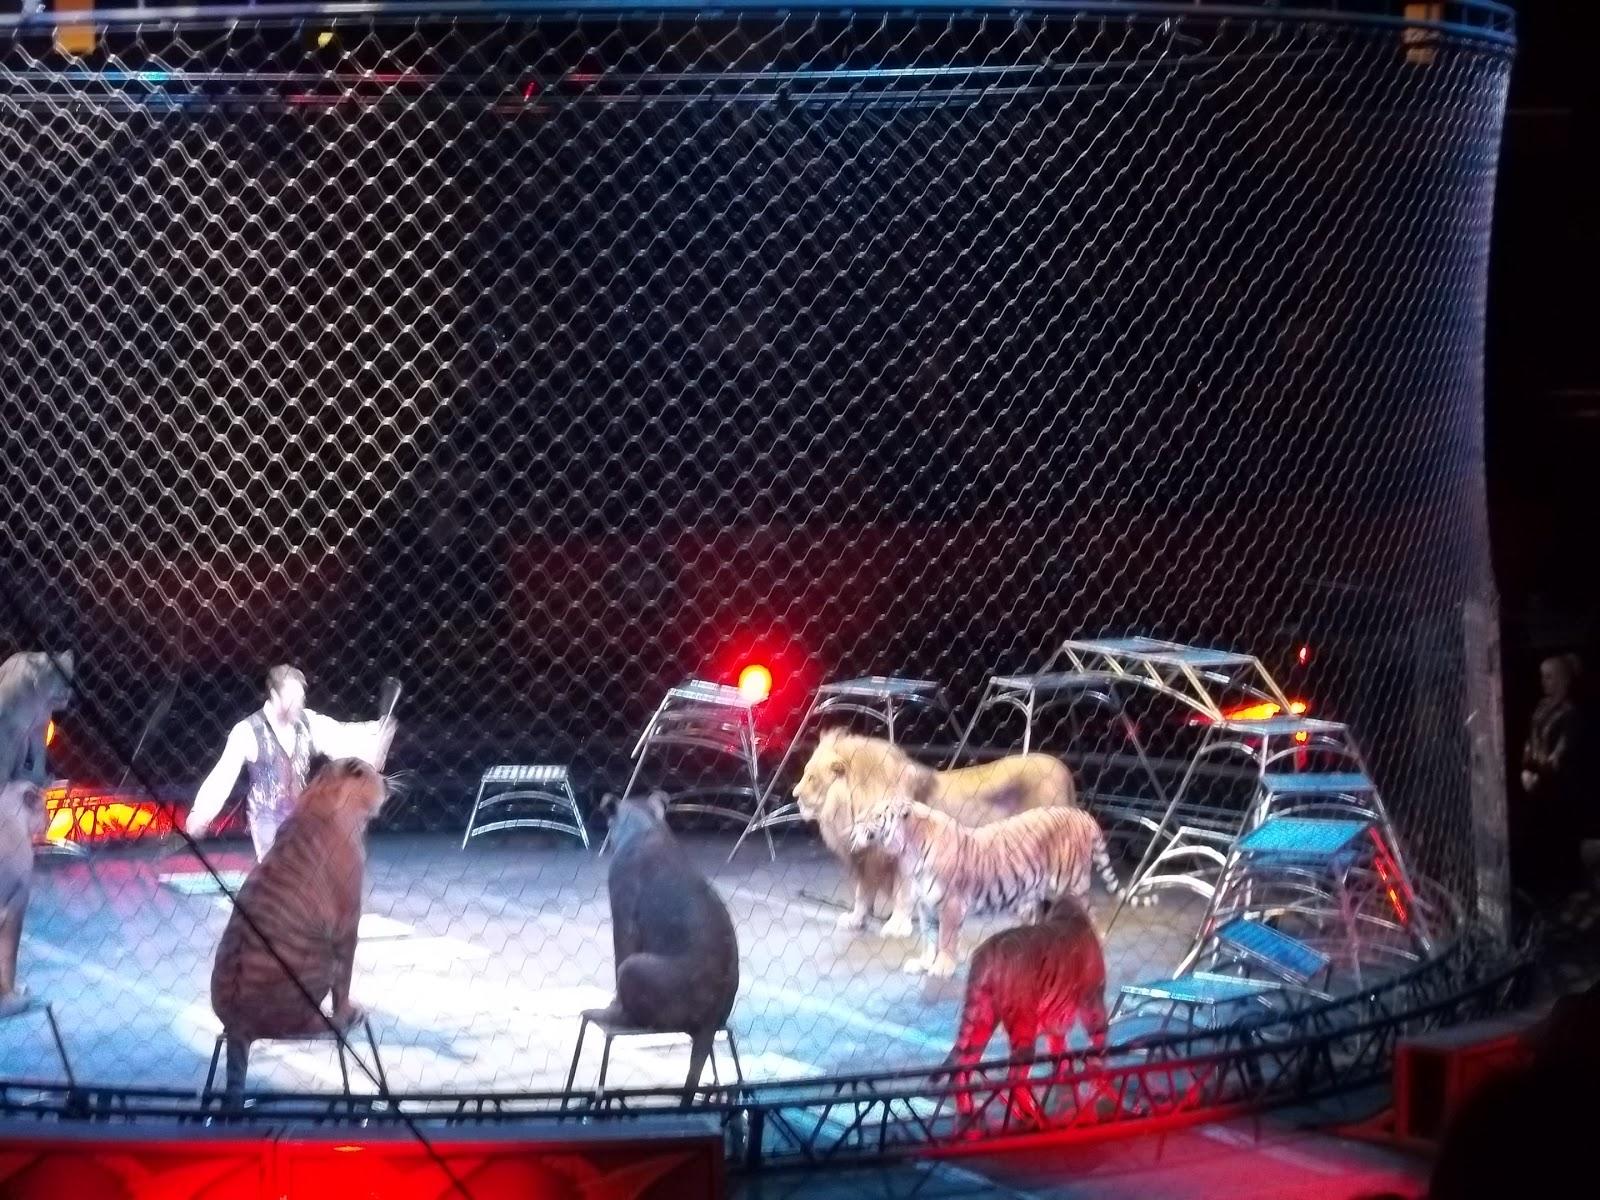 http://3.bp.blogspot.com/-56AURUMwXHM/ULo8MbnRMJI/AAAAAAAAD3s/91oDP2UqK_c/s1600/circus+cats+lions+tigers.JPG